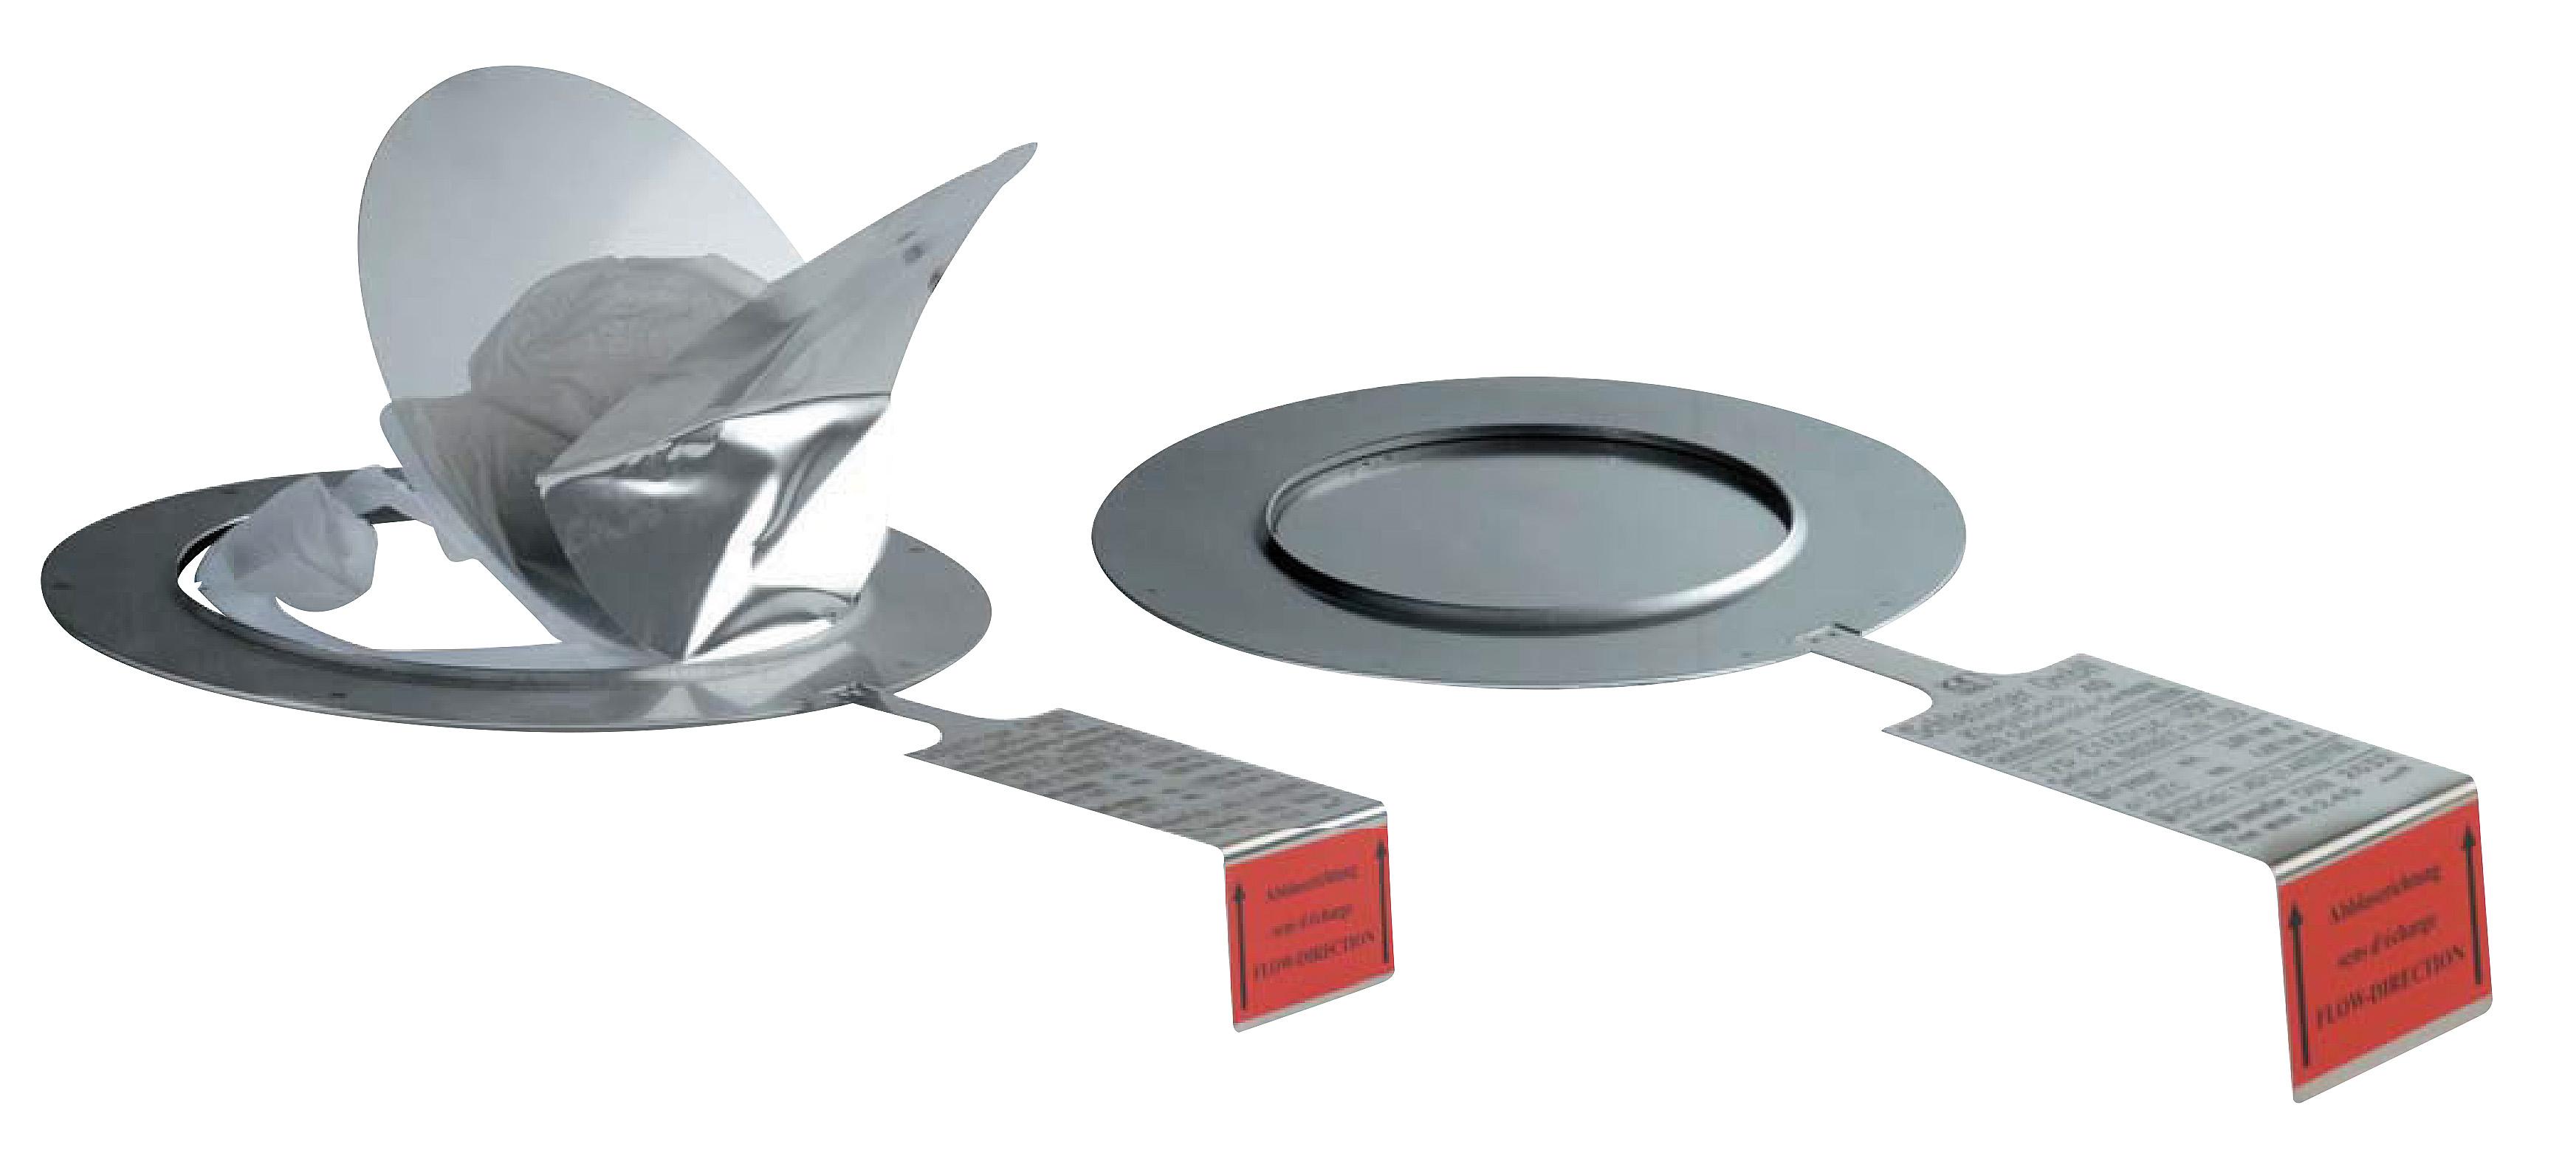 Rupture disc Model C